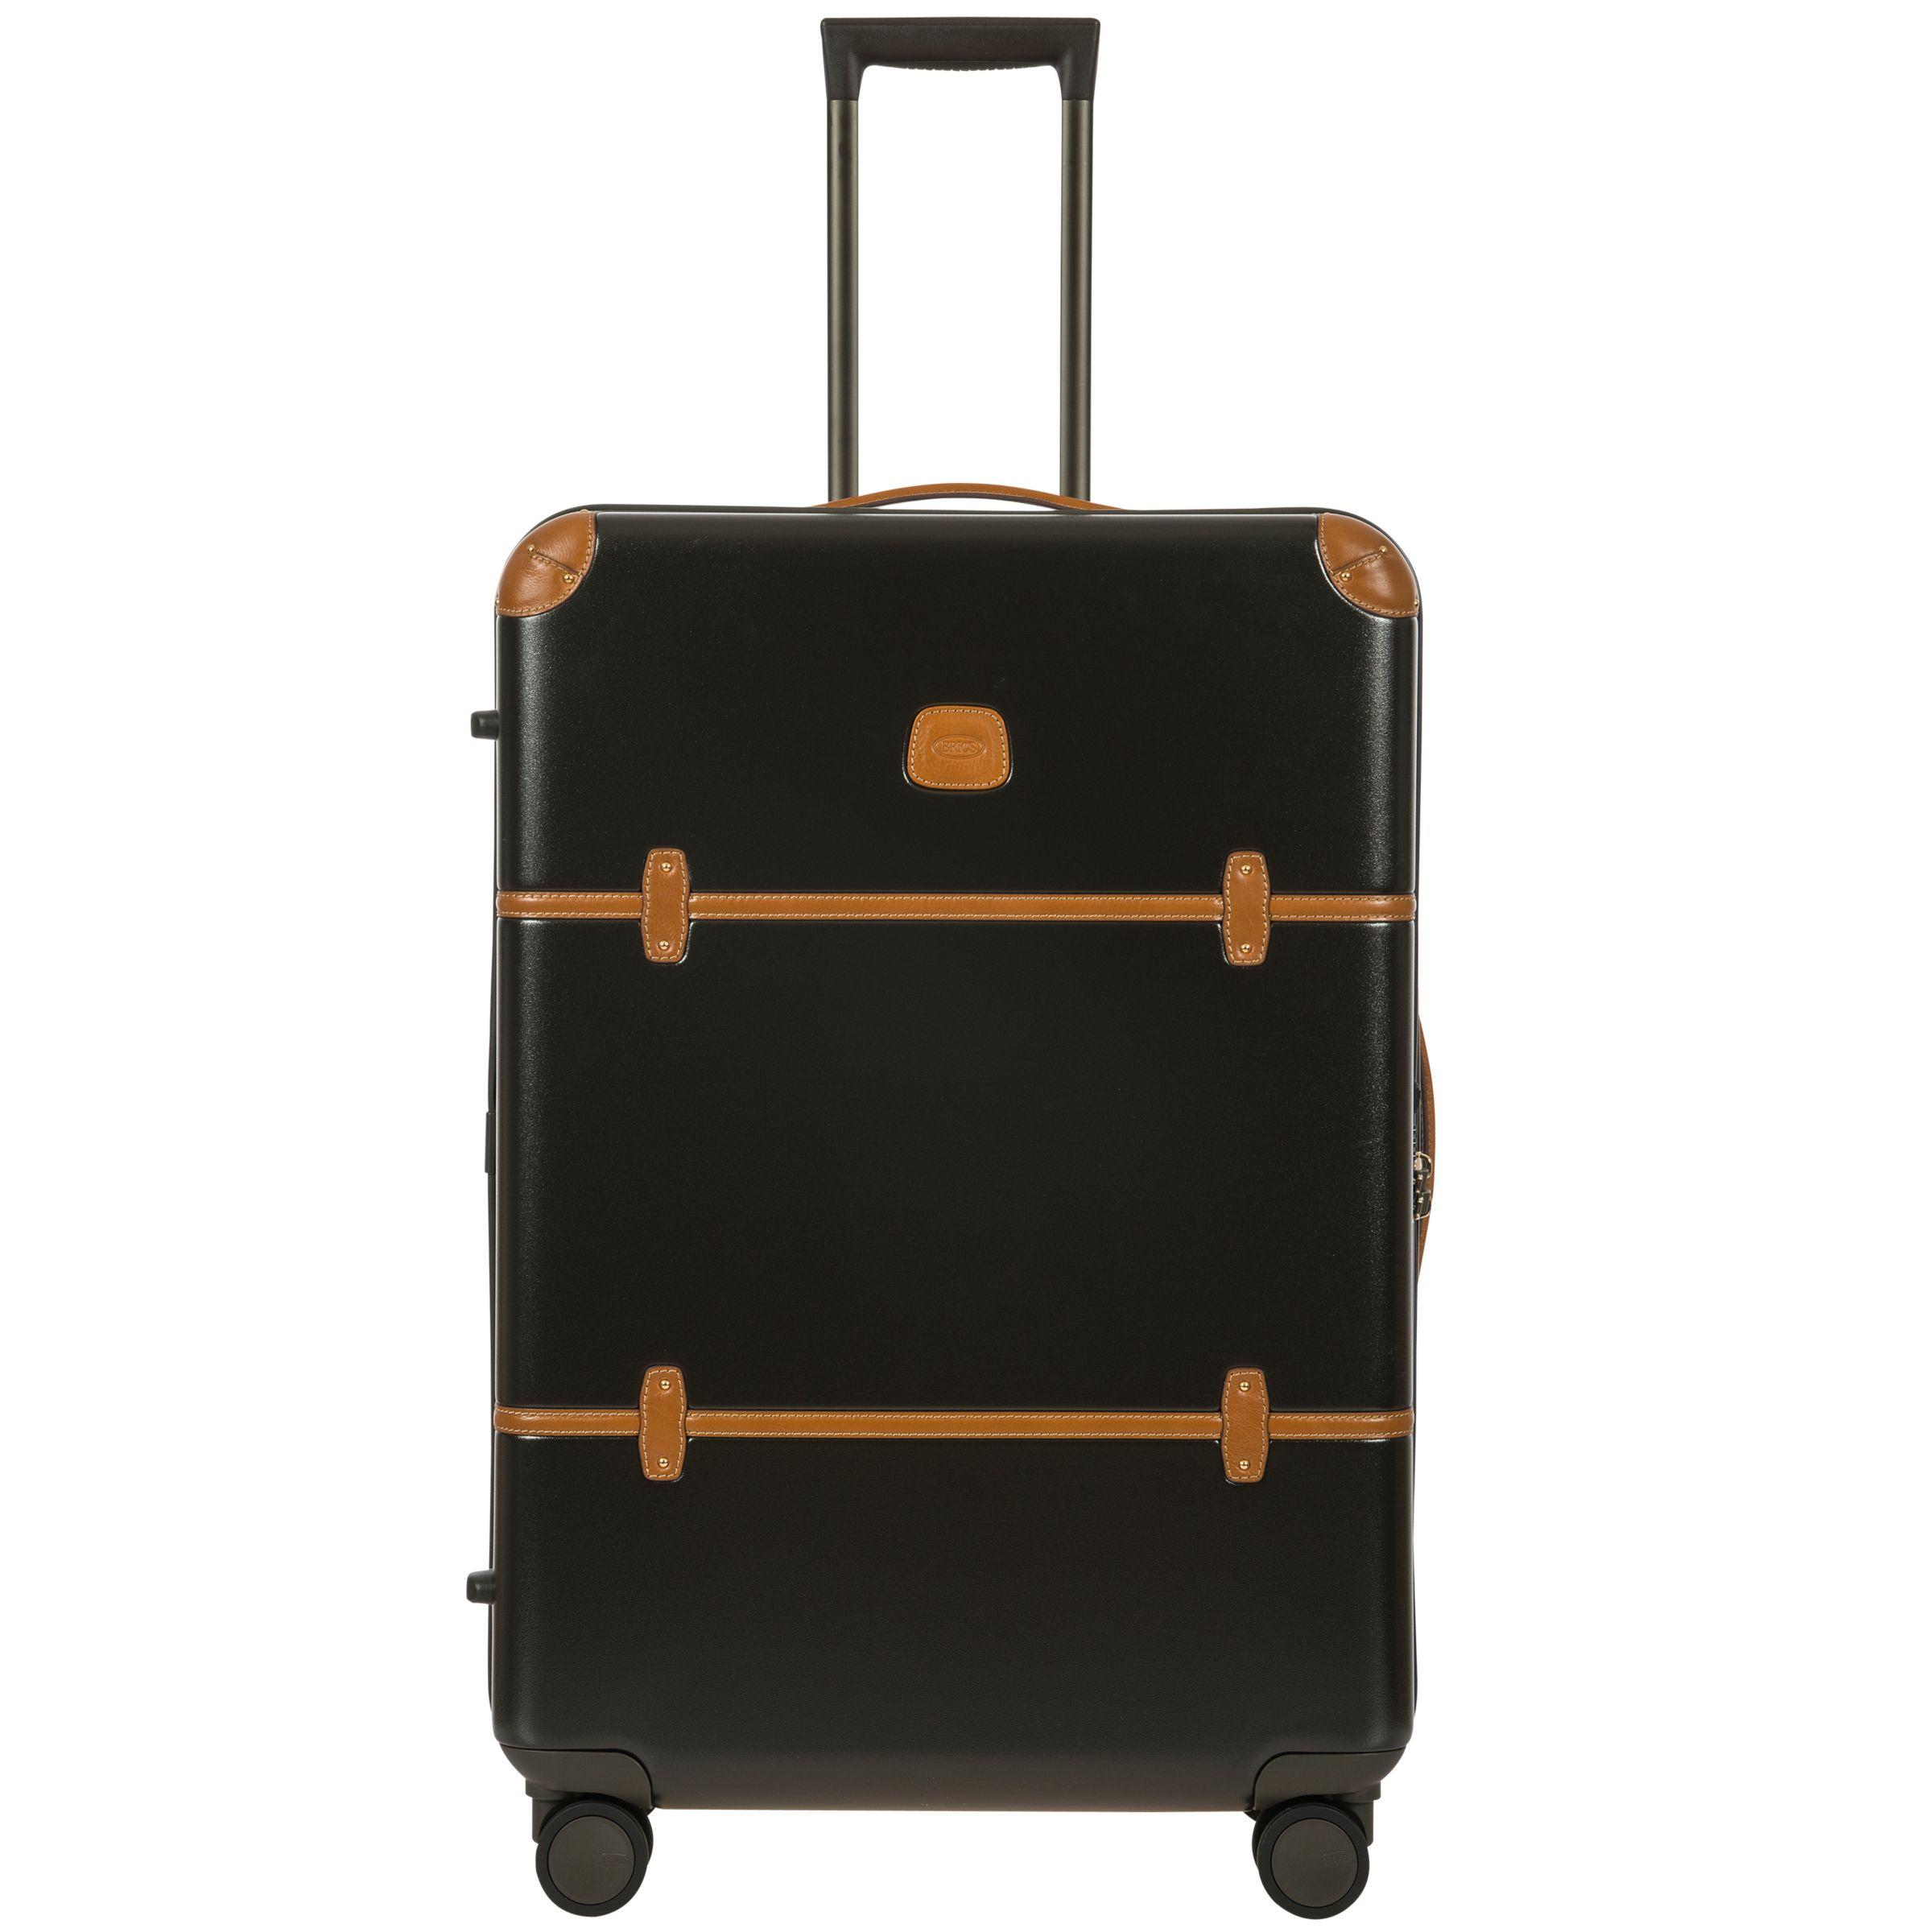 Bric's Bric's Bellagio 2 4-Wheel 76cm Large Suitcase, Olive